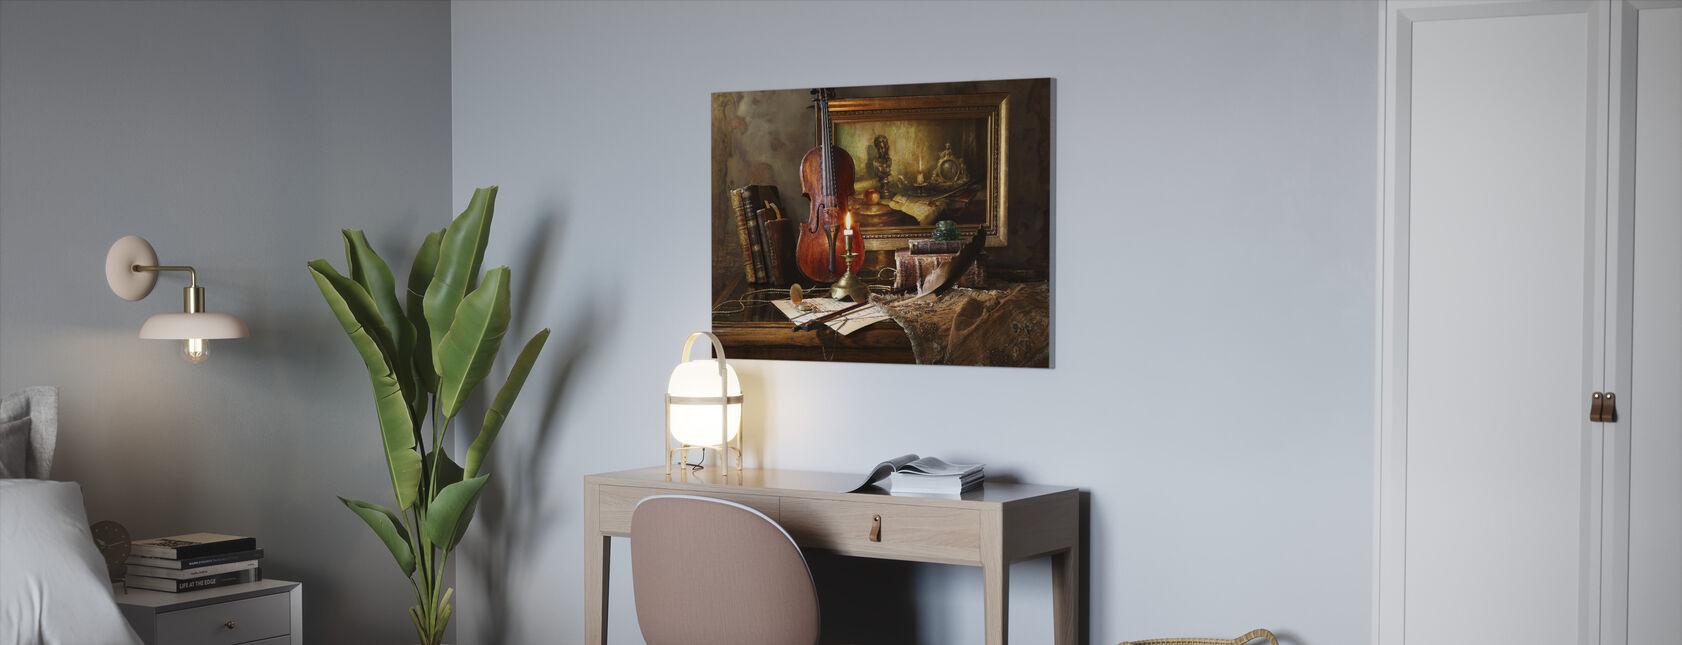 Stadig Liv med Violin og Maleri - Billede på lærred - Kontor